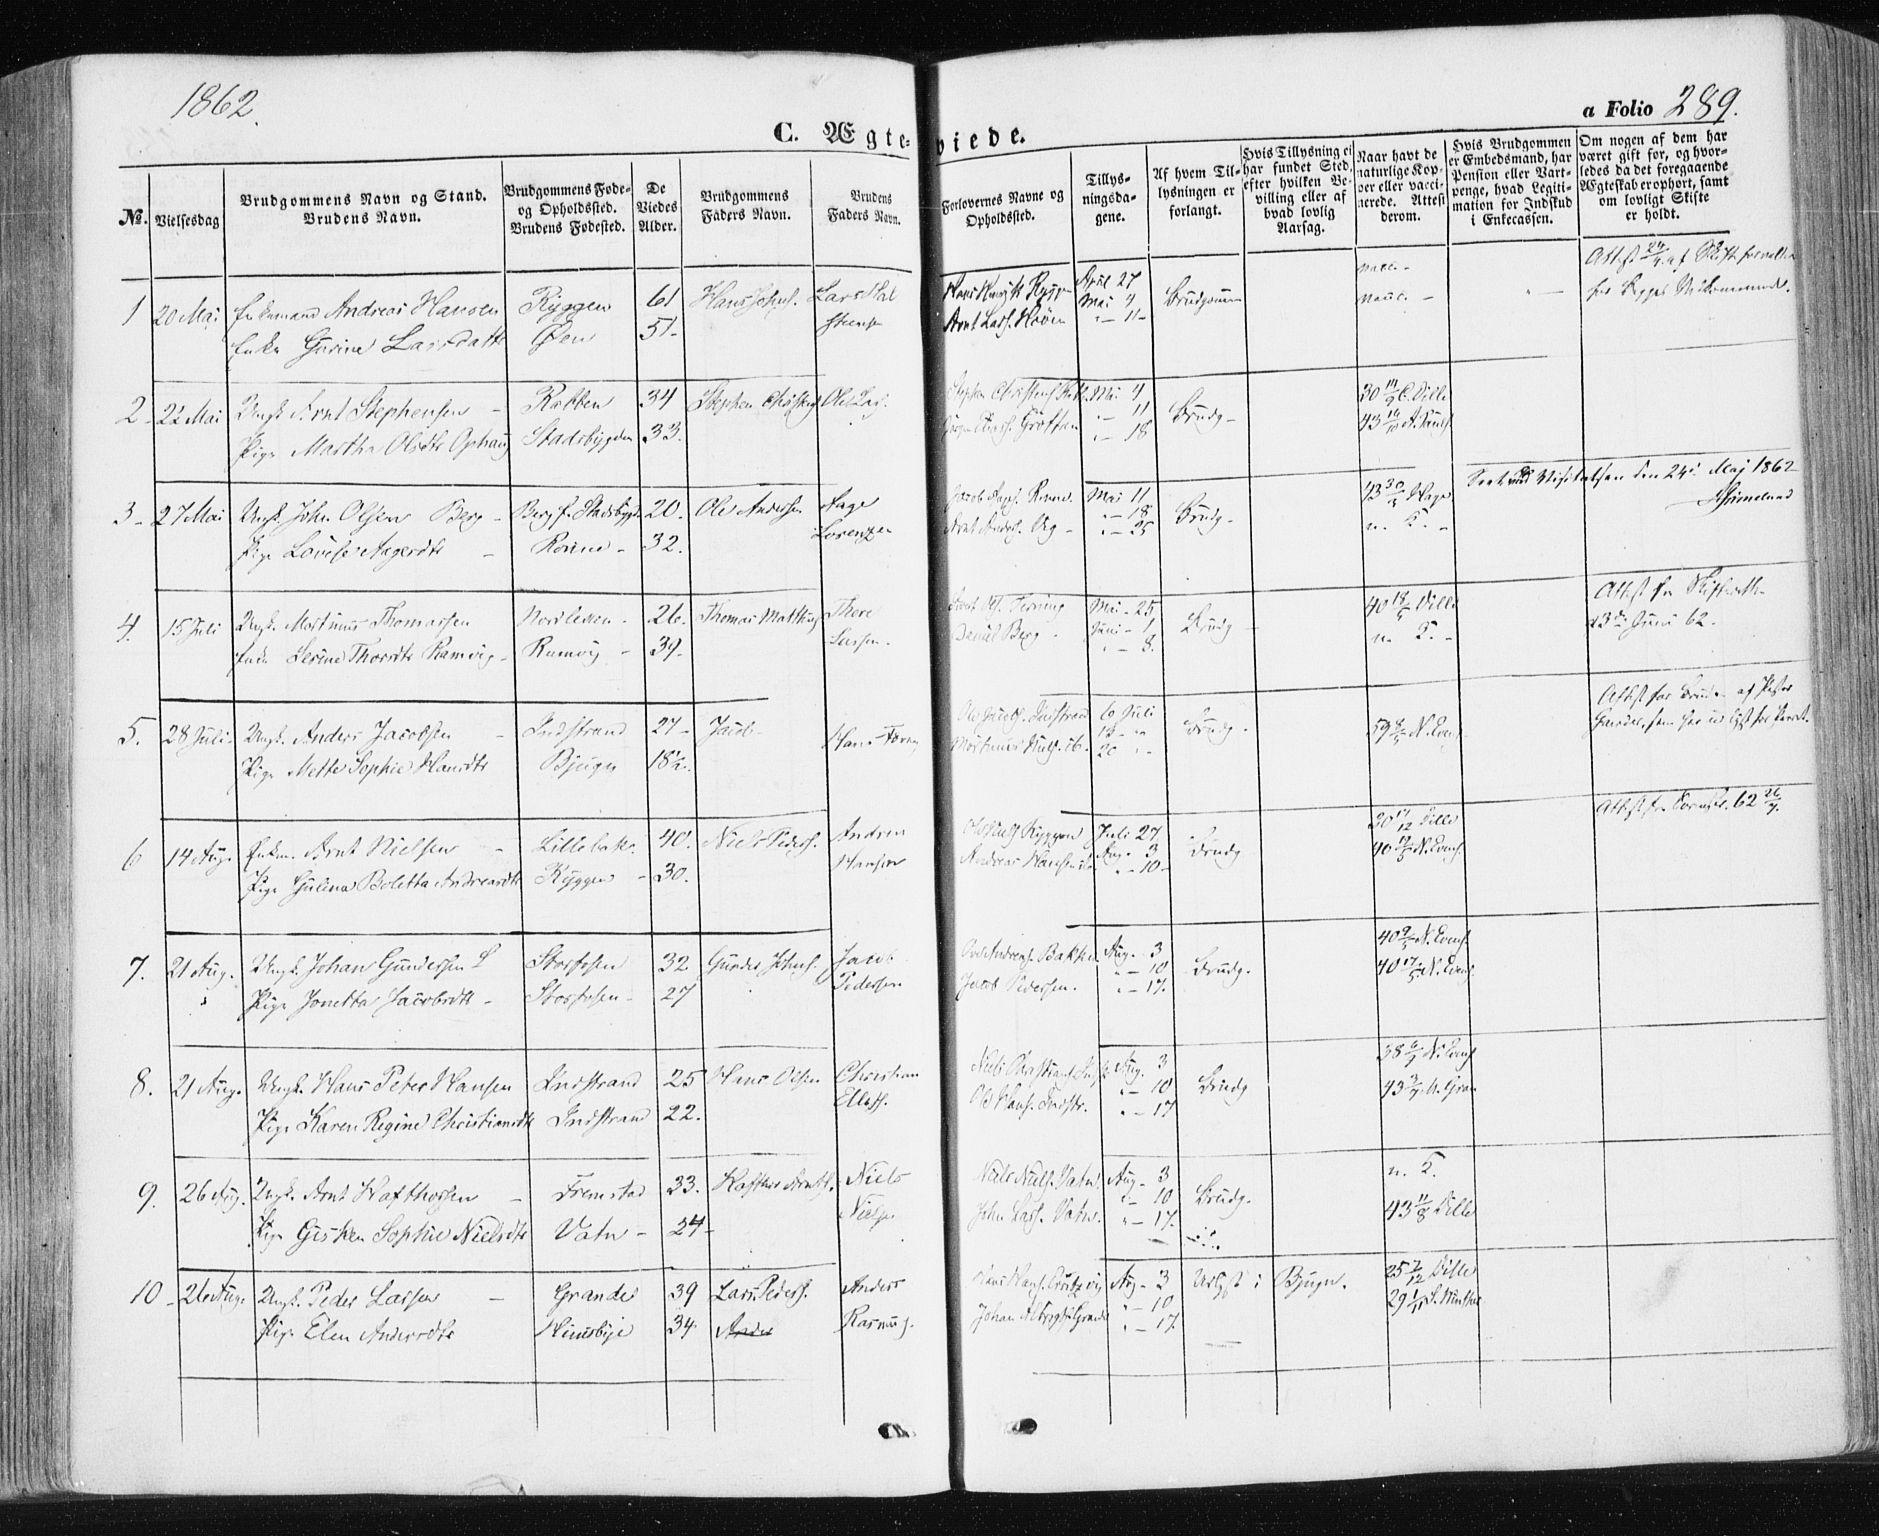 SAT, Ministerialprotokoller, klokkerbøker og fødselsregistre - Sør-Trøndelag, 659/L0737: Ministerialbok nr. 659A07, 1857-1875, s. 289